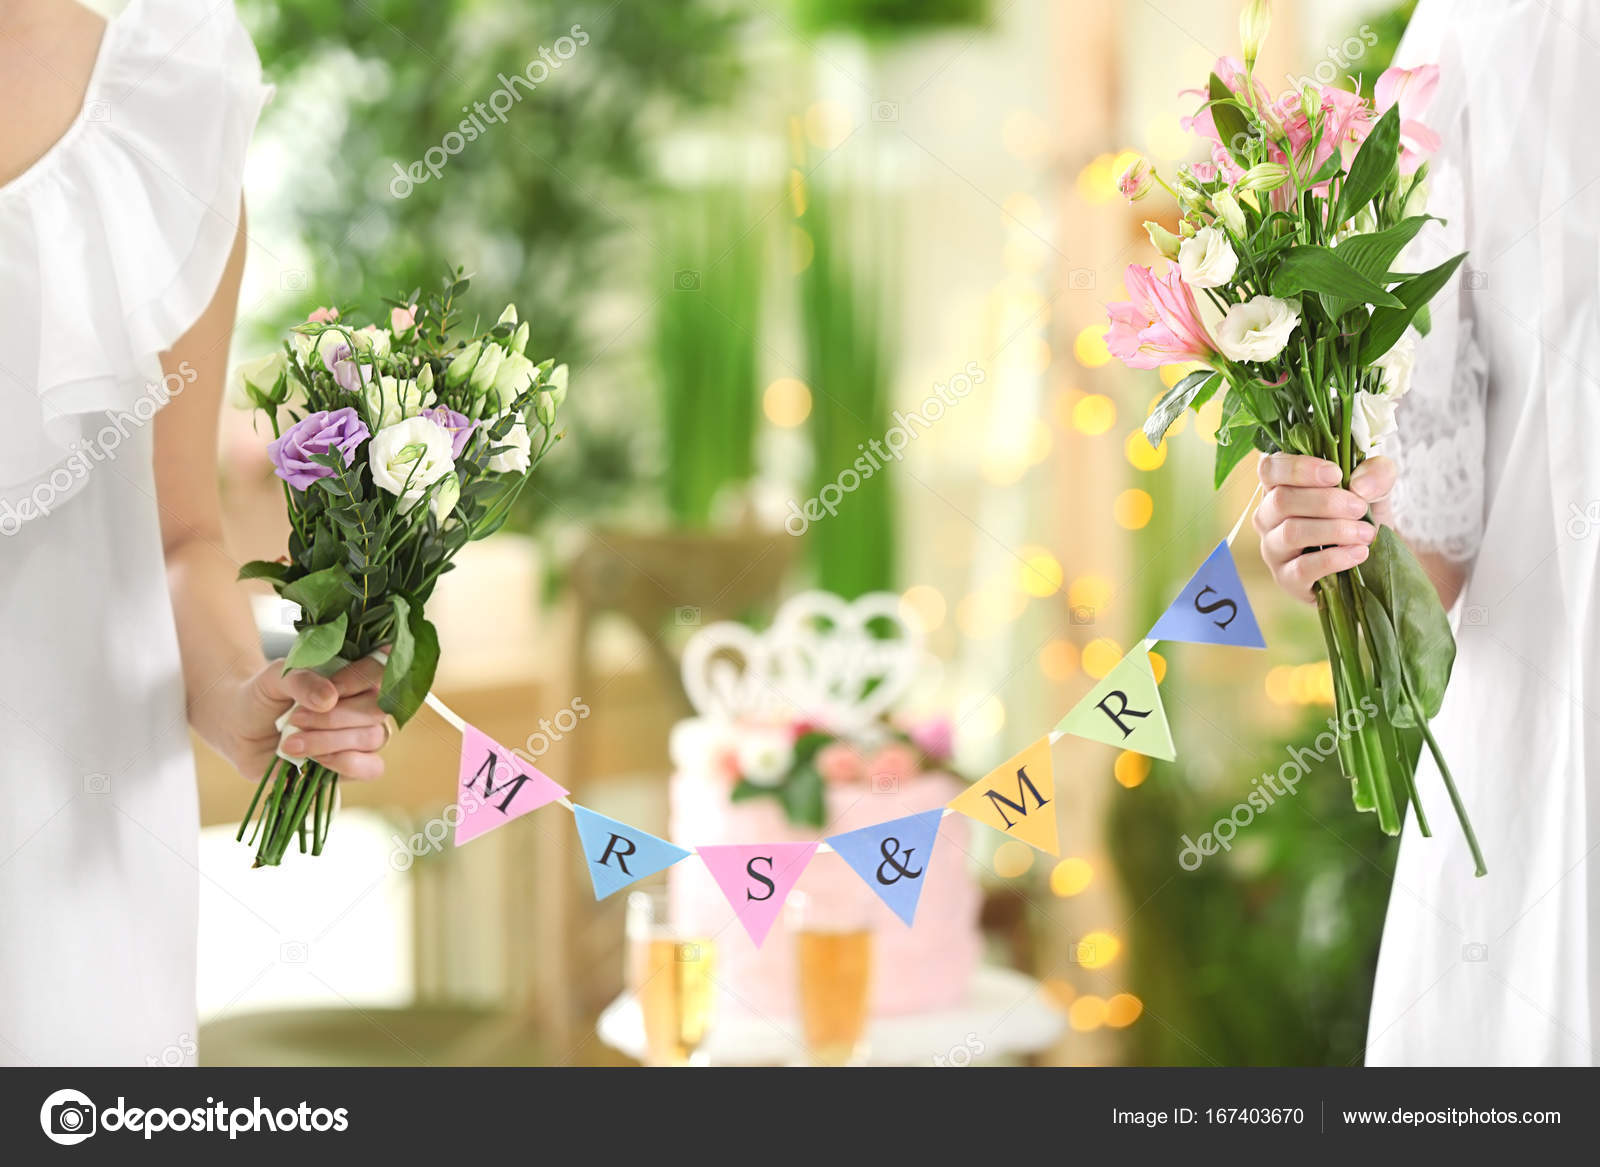 Частного фото свадьба лесбиянок